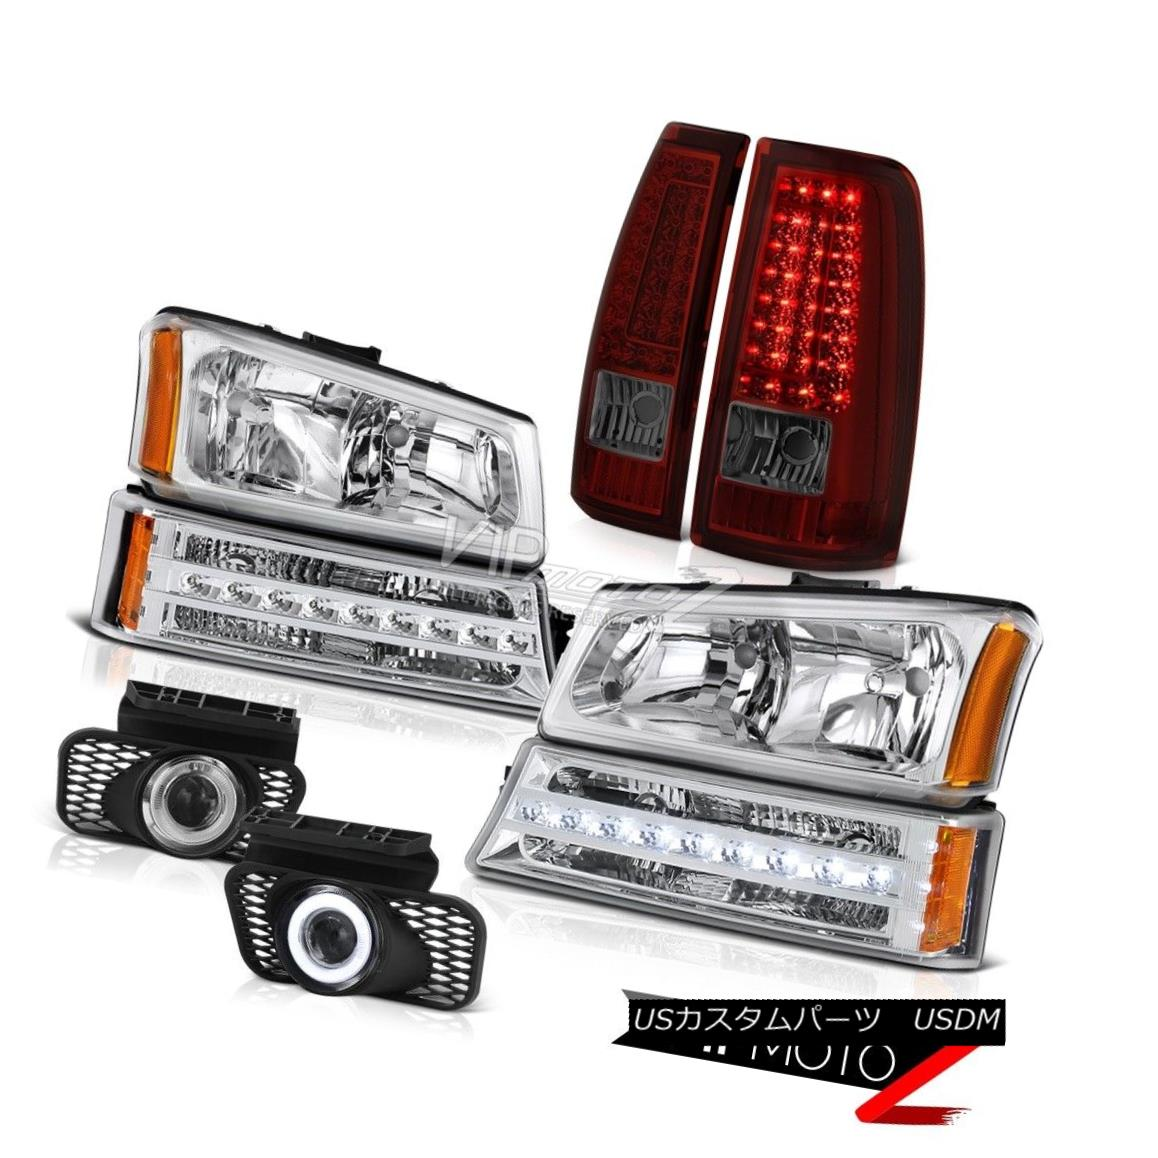 ヘッドライト 2003-2006 Silverado Chrome Fog Lights Rosso Burgundy Tail Turn Signal Headlights 2003-2006 Silverado ChromeフォグライトRosso Burgundyテールターンシグナルヘッドライト